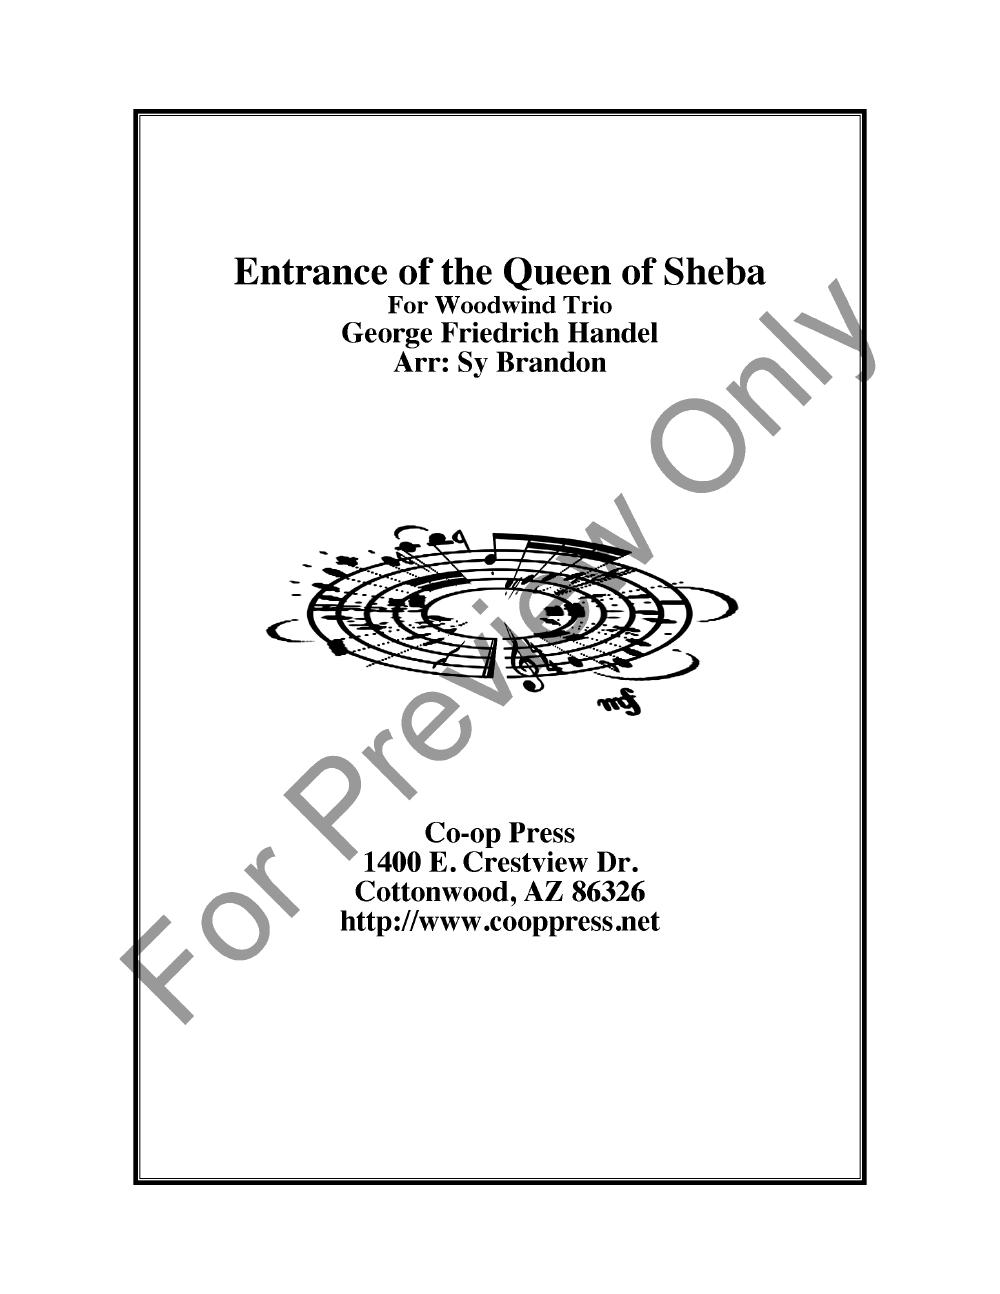 Entrance of the Queen of Sheba Thumbnail